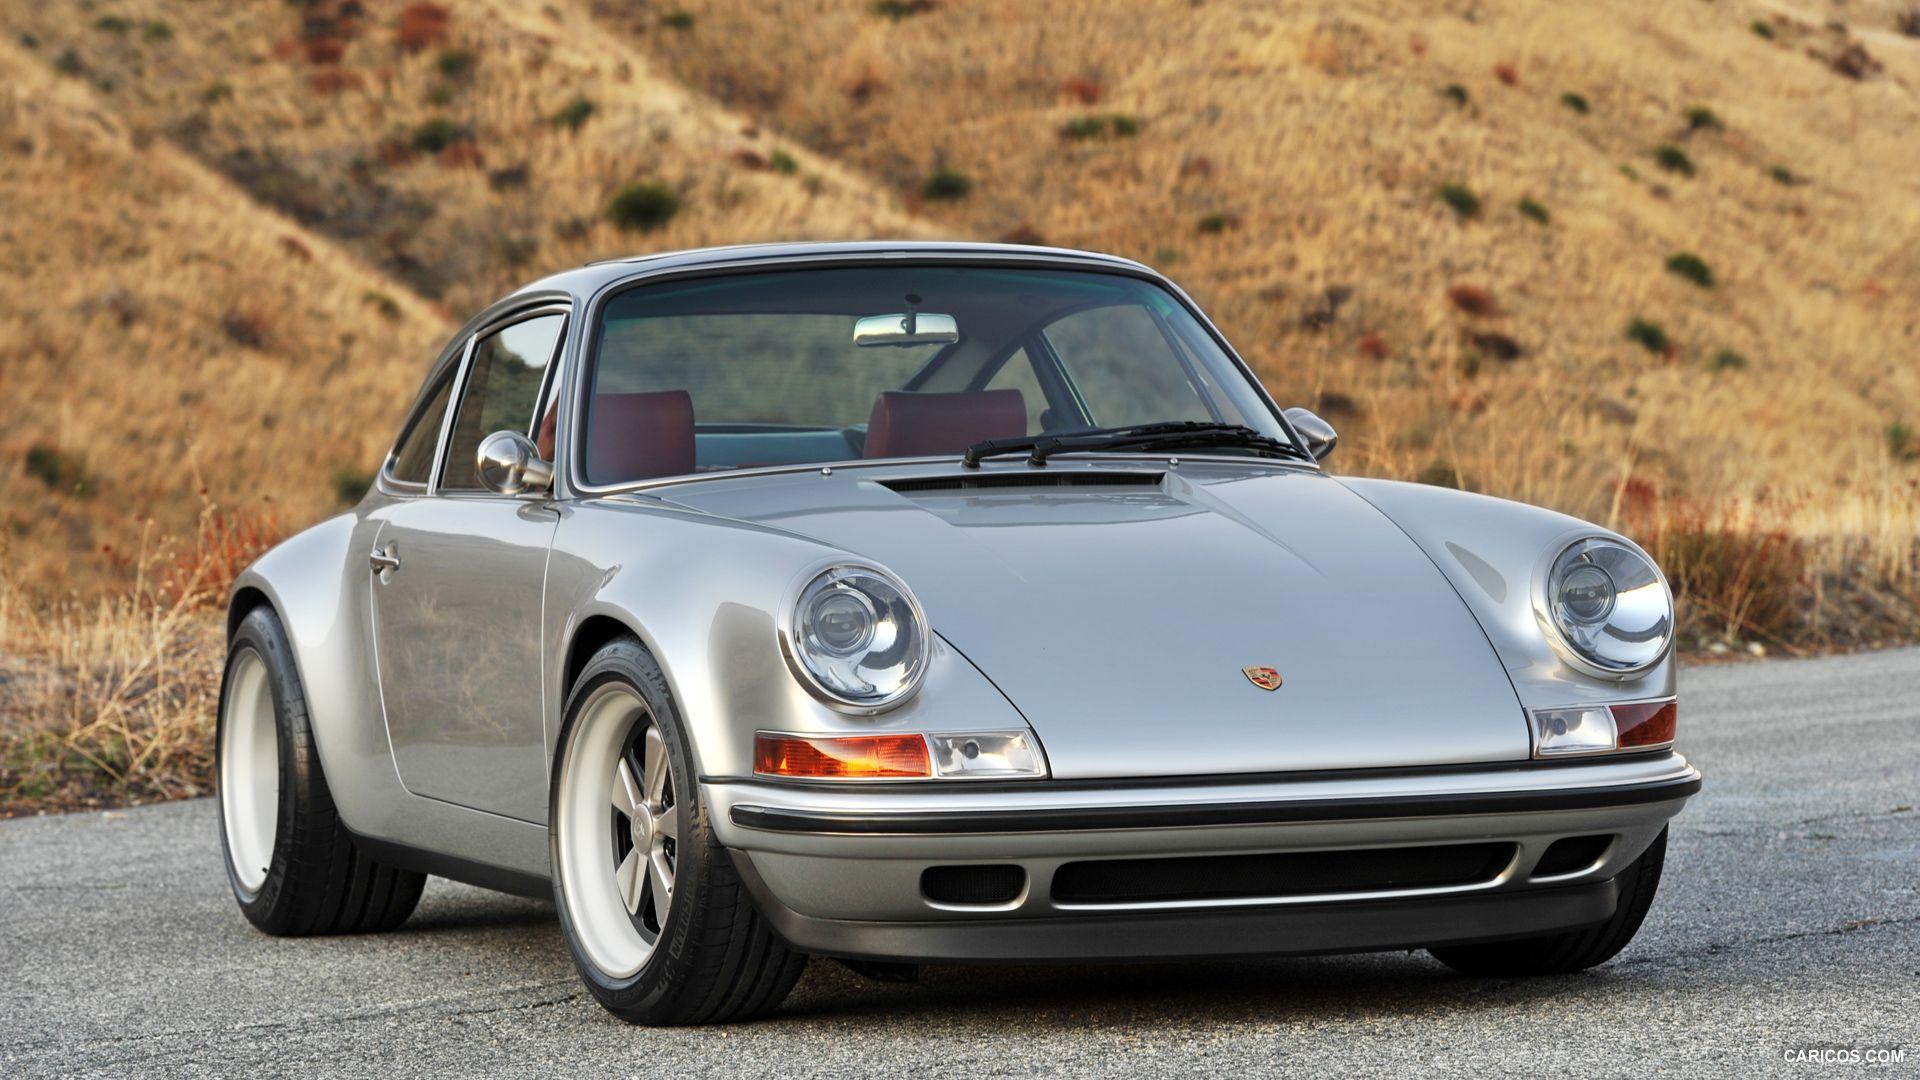 Singer Porsche 911 Silver Front 1920x1080 97 Of 144 Singer Porsche Singer Vehicle Design Porsche